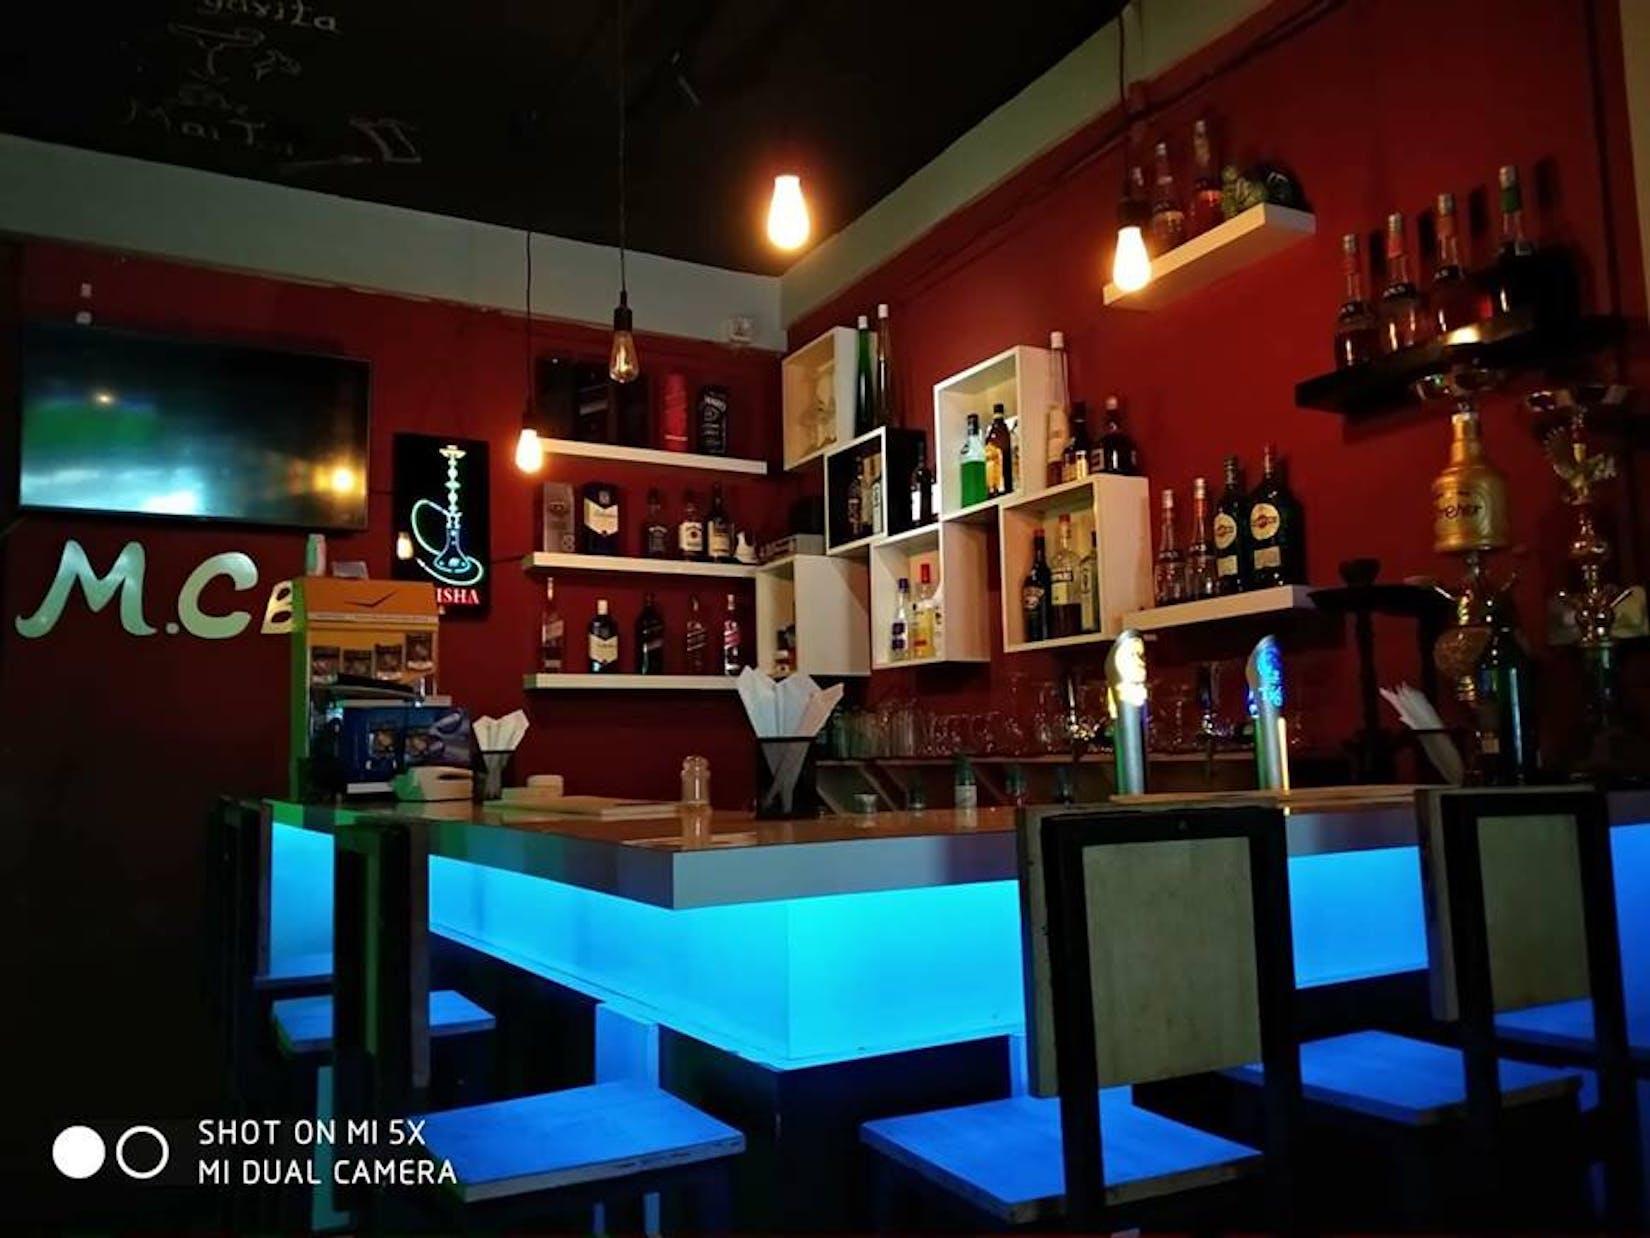 M.C Bar | yathar